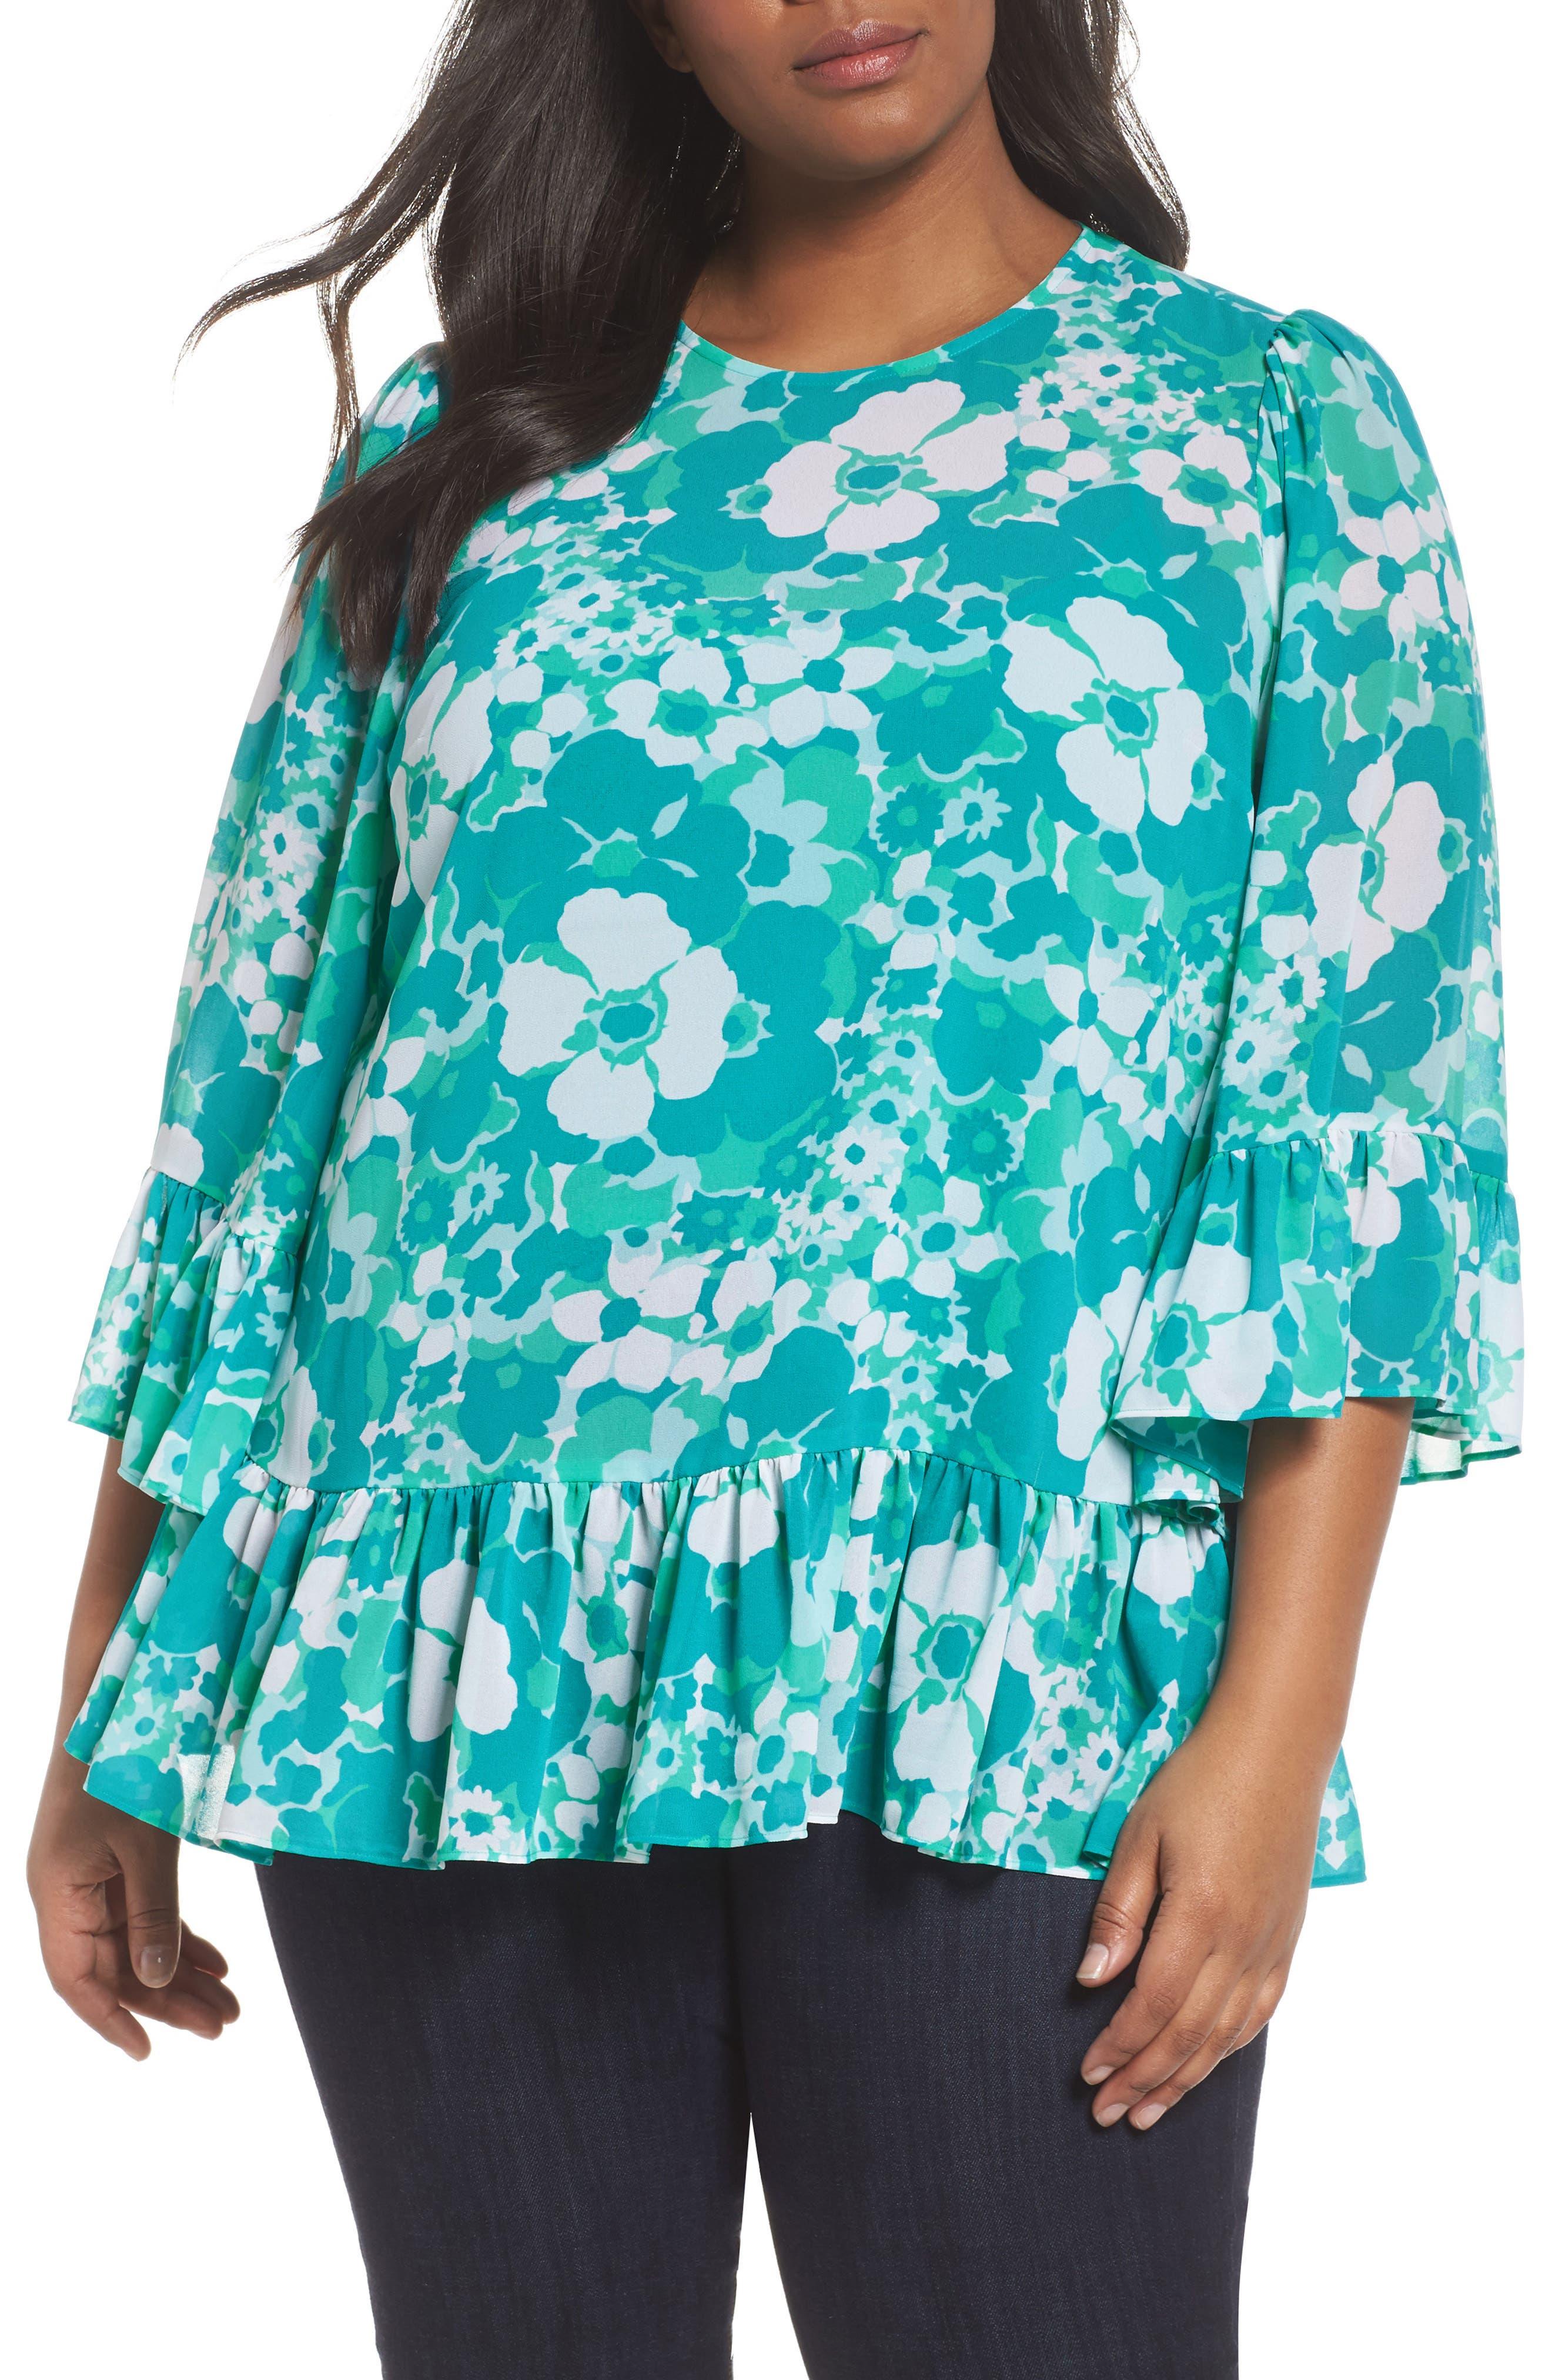 Main Image - MICHAEL Michael Kors Springtime Floral Ruffle Top (Plus Size)